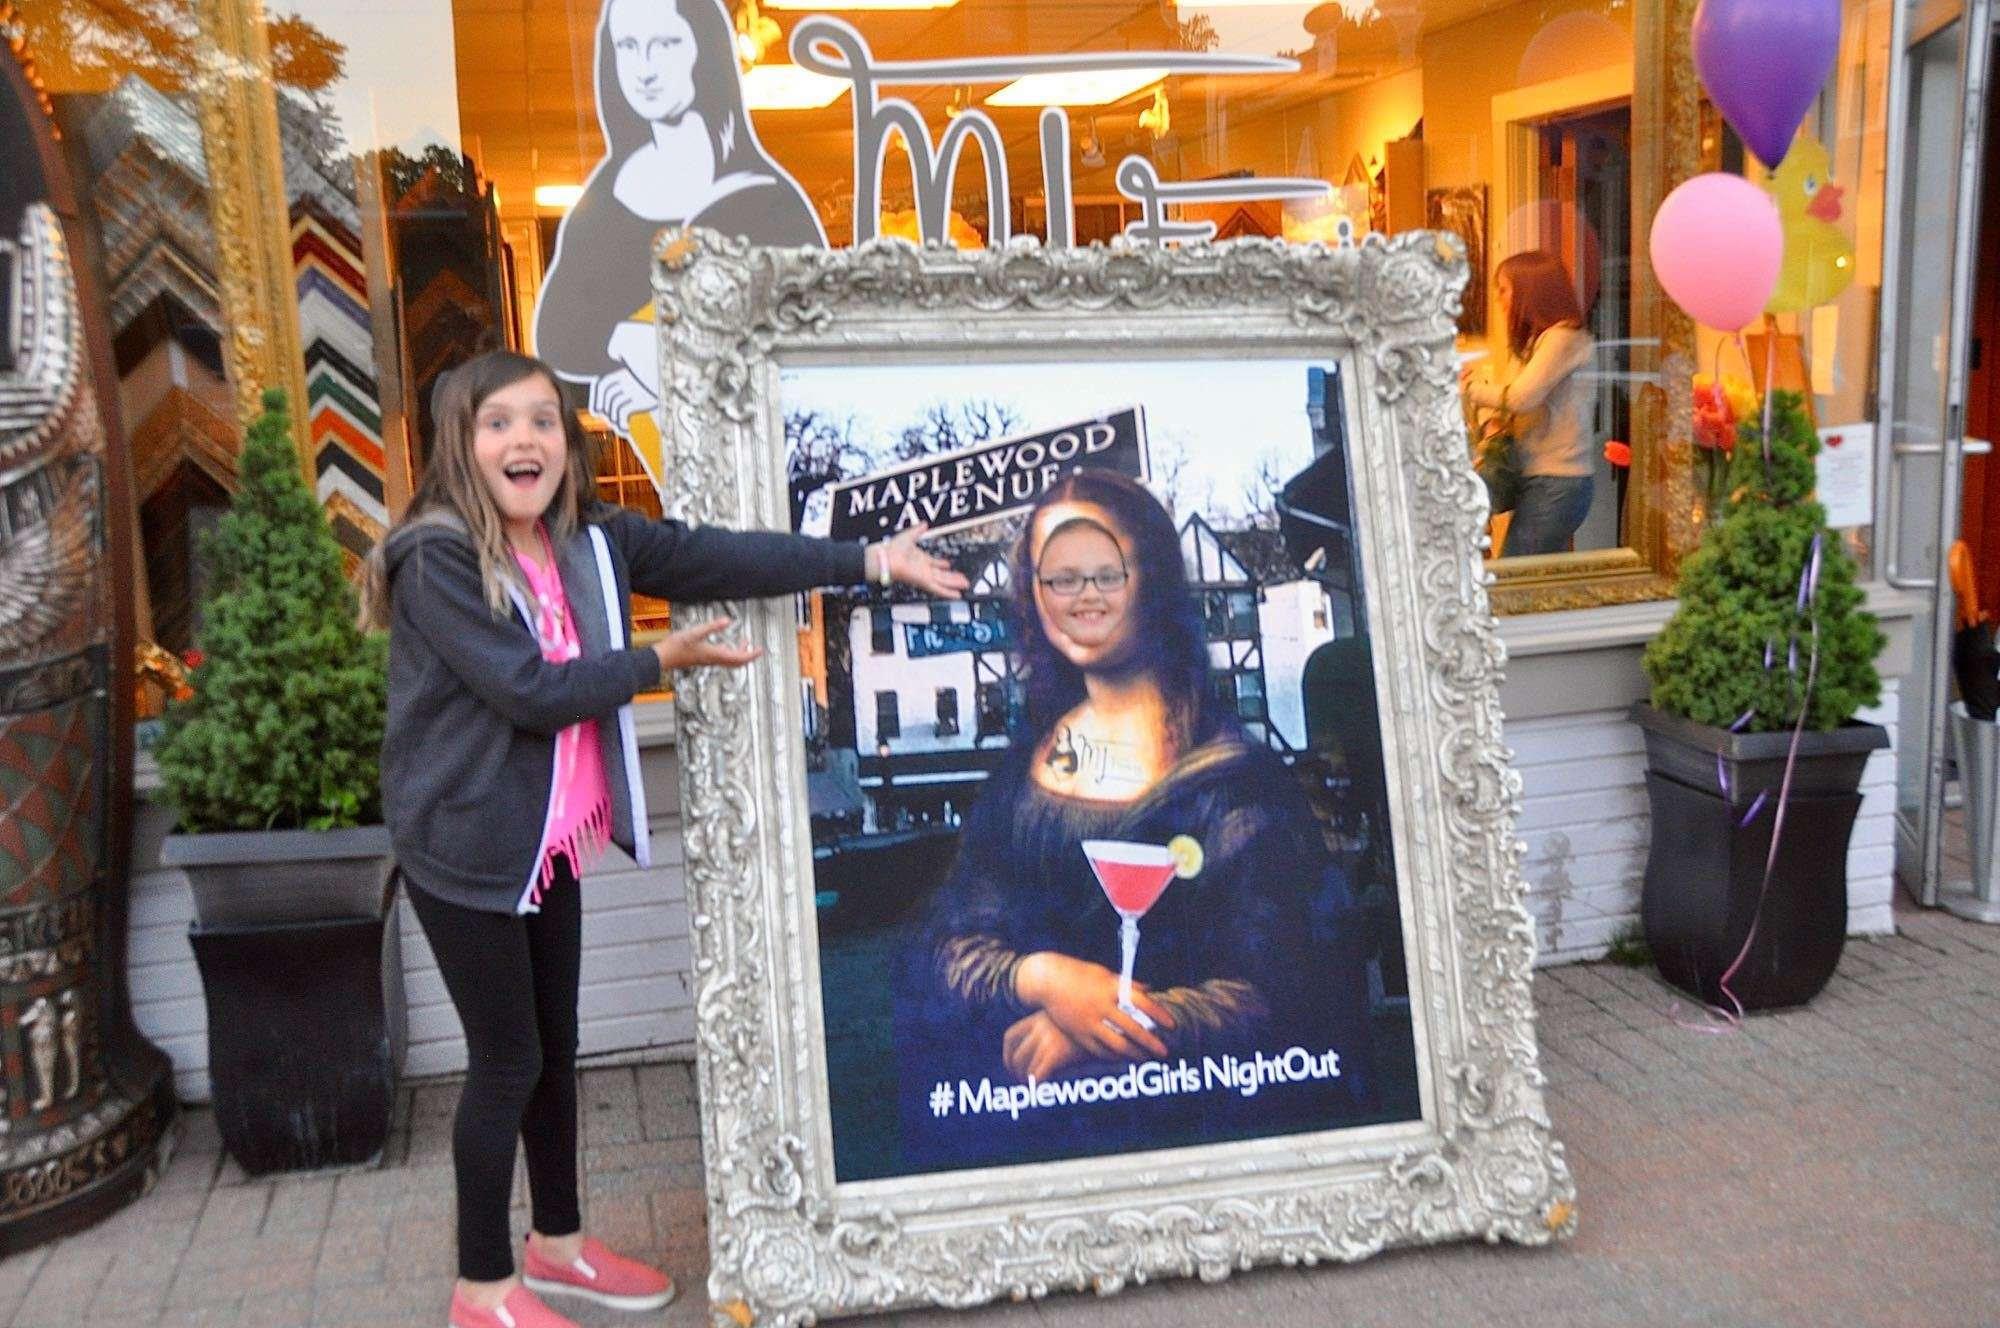 Girls Night Out Mona Lisa Framing